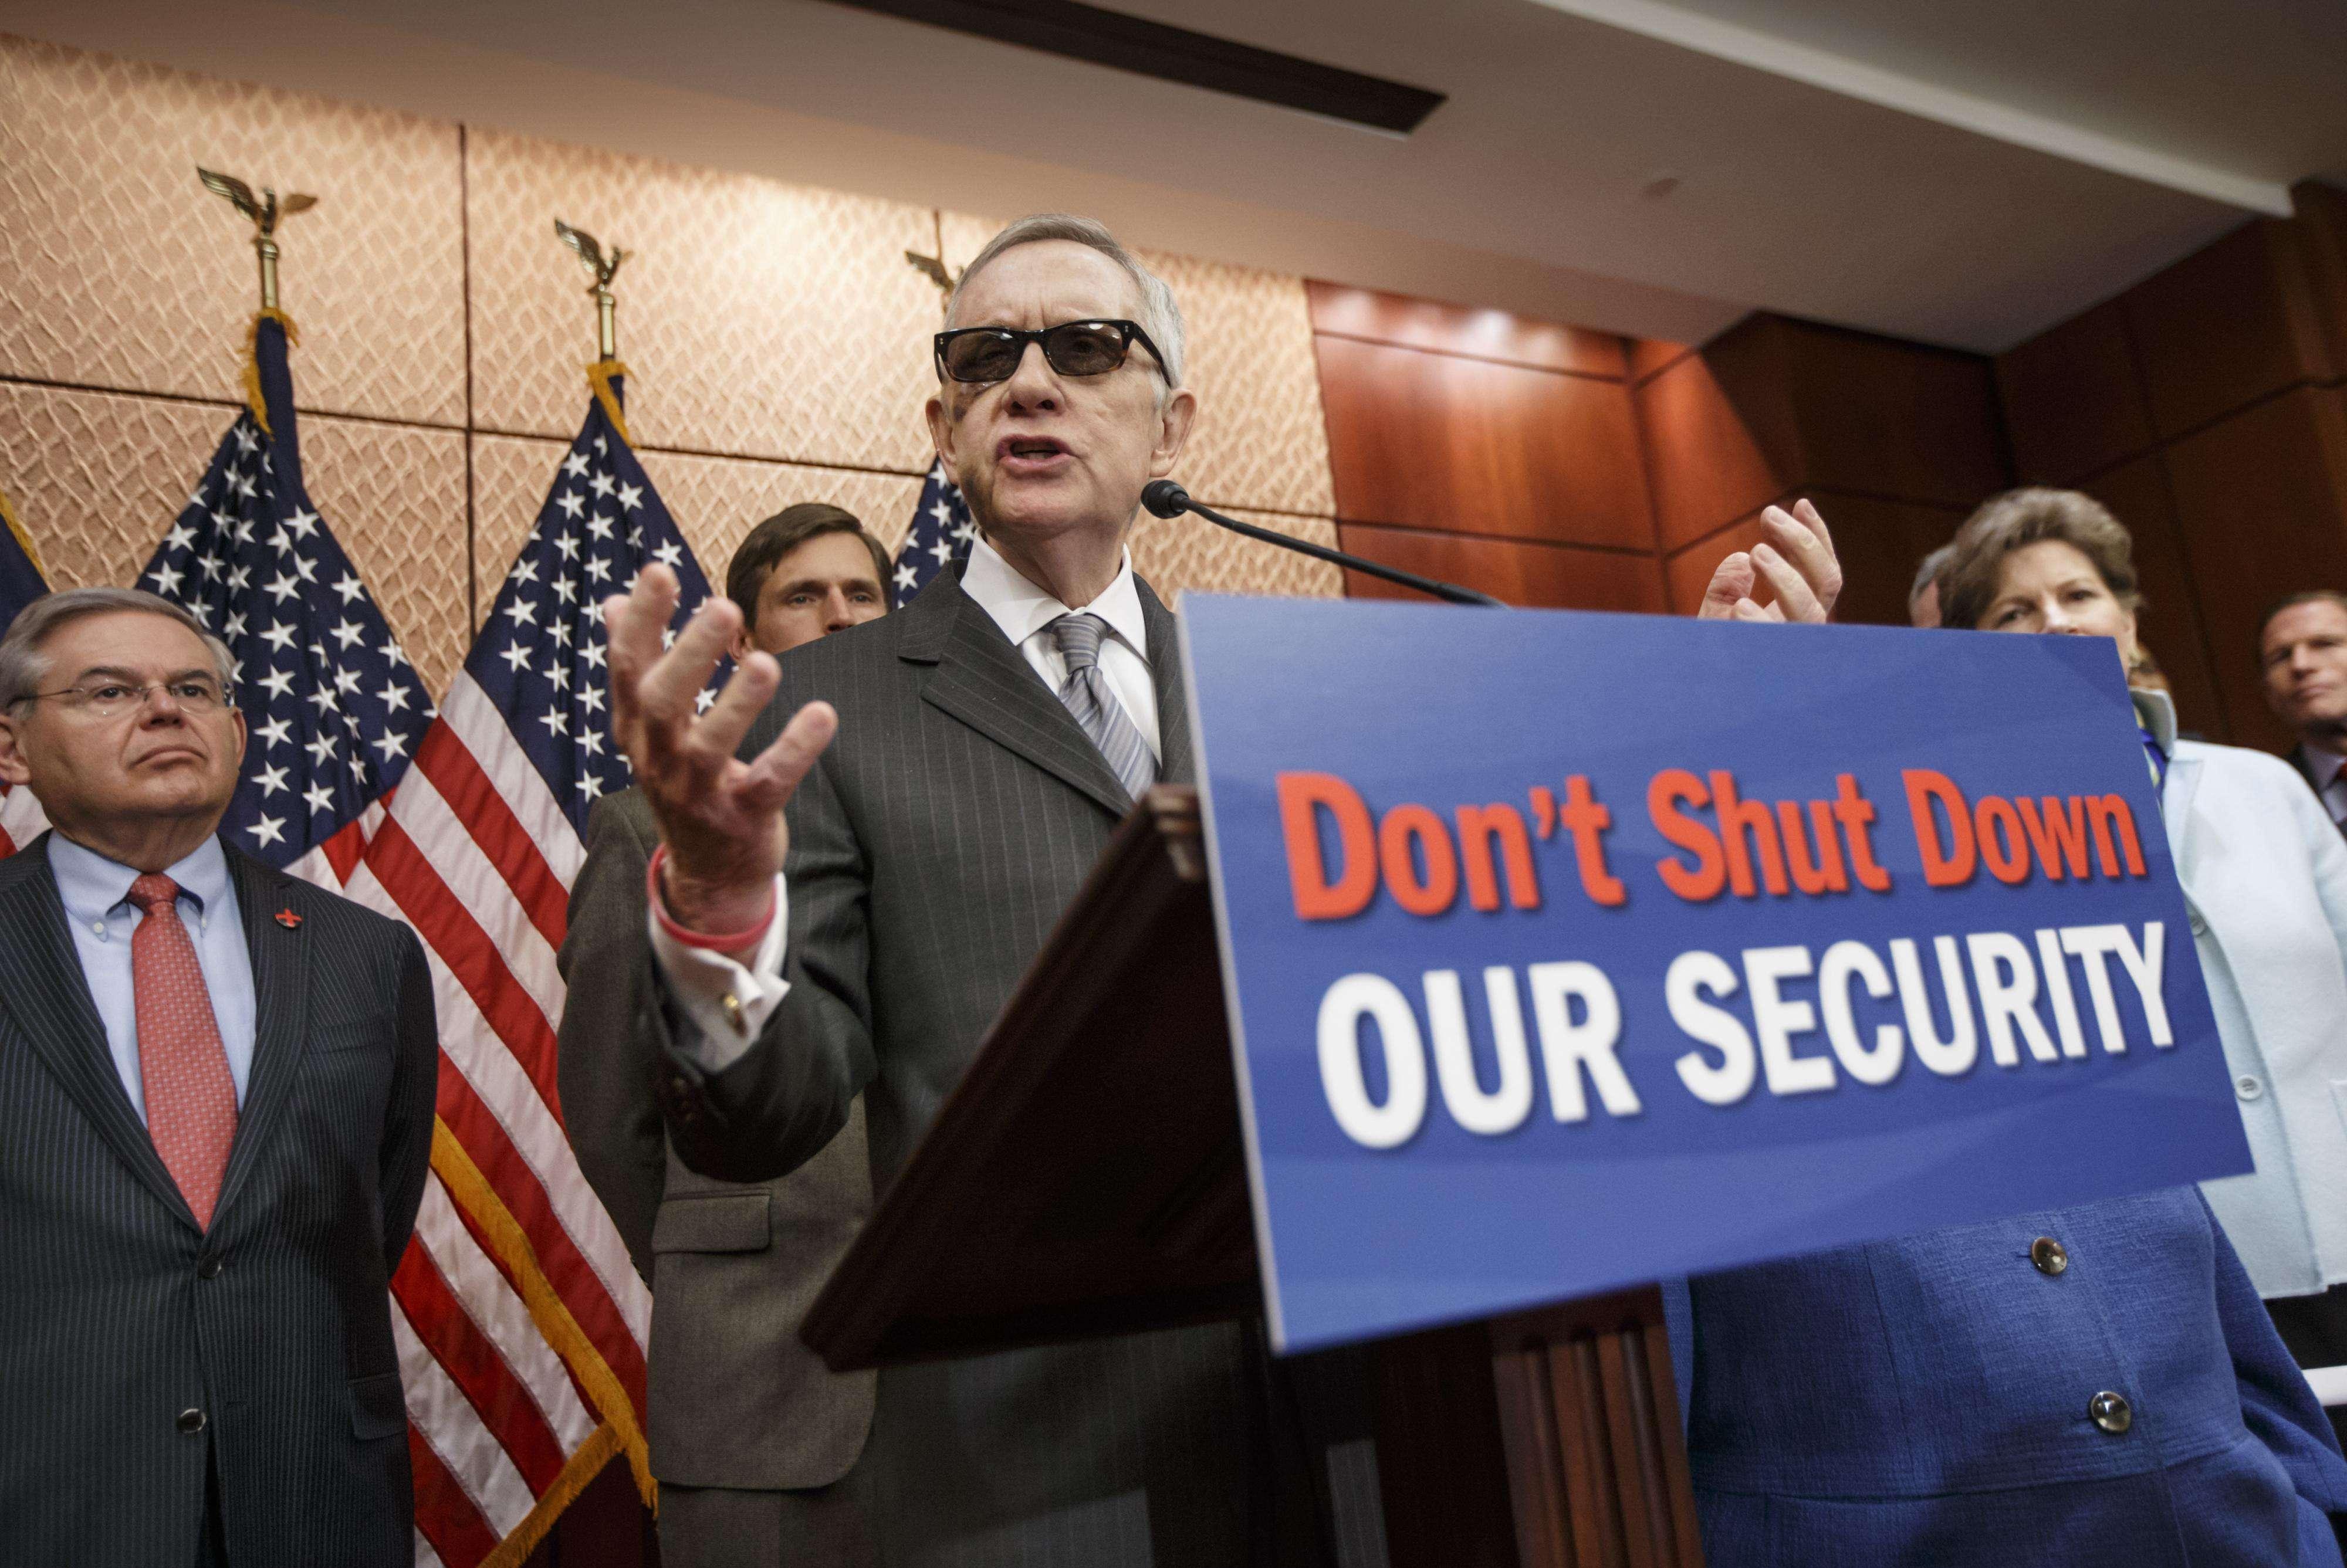 Harry Reid de Nevada, al centro, líder de la minoría demócrata en el Senado, habla durante una conferencia de prensa en el Capitolio, el martes 24 de febrero del 2015. Foto: AP en español